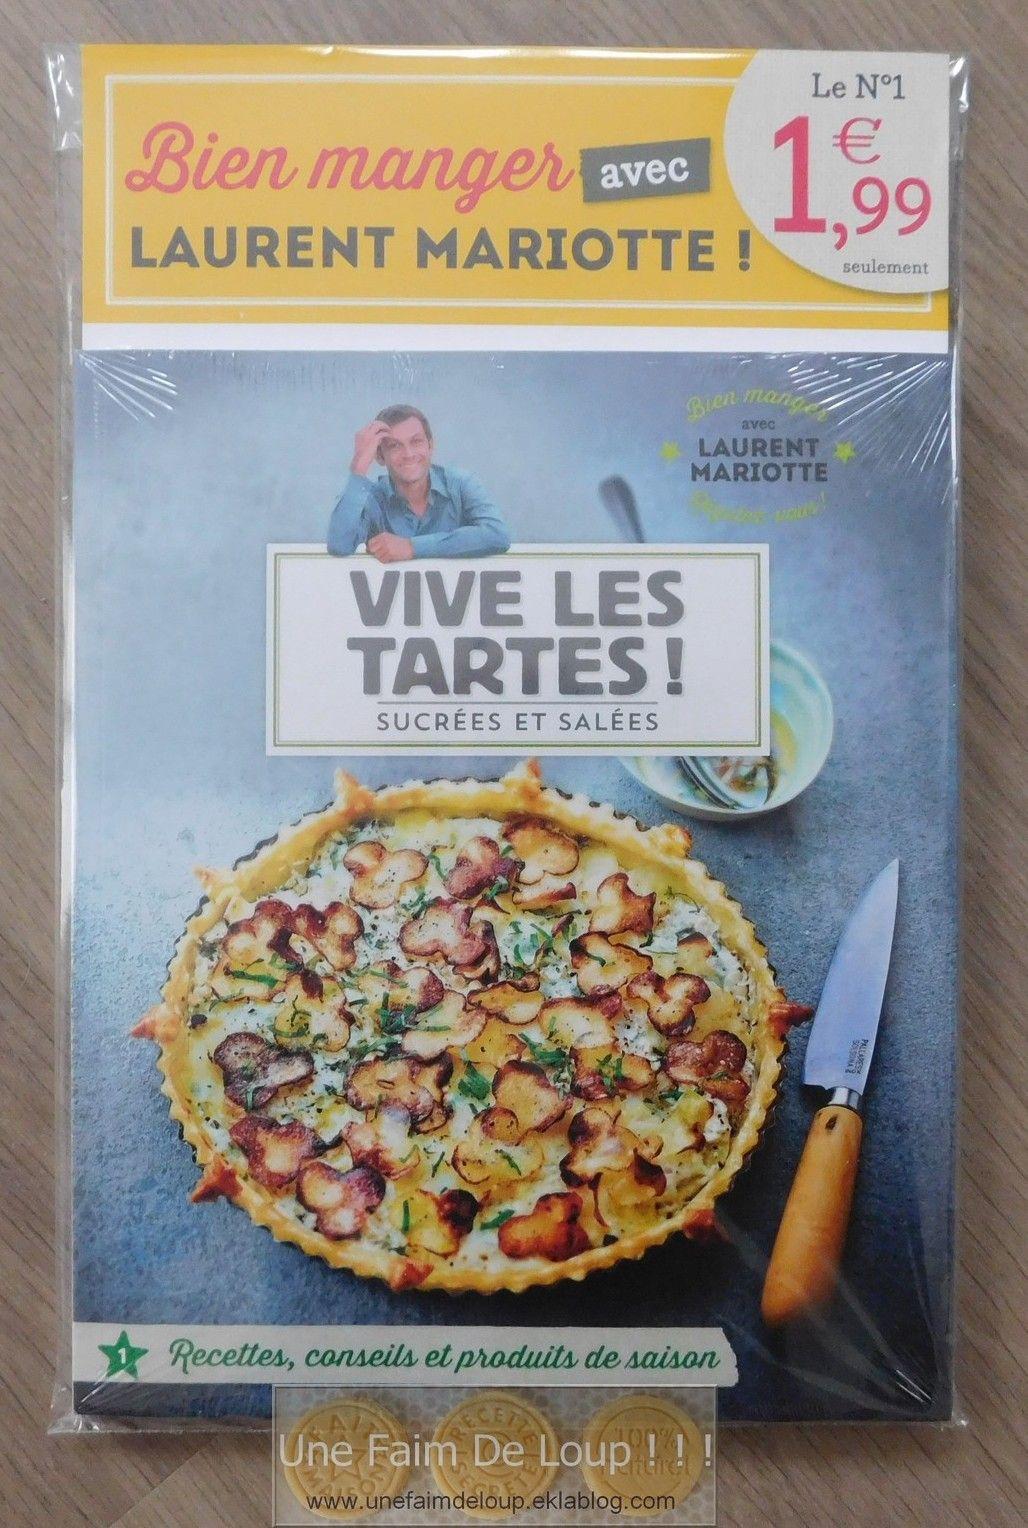 Quiche Lorraine De Laurent Mariotte : quiche, lorraine, laurent, mariotte, Collection, Manger, Laurent, Mariotte